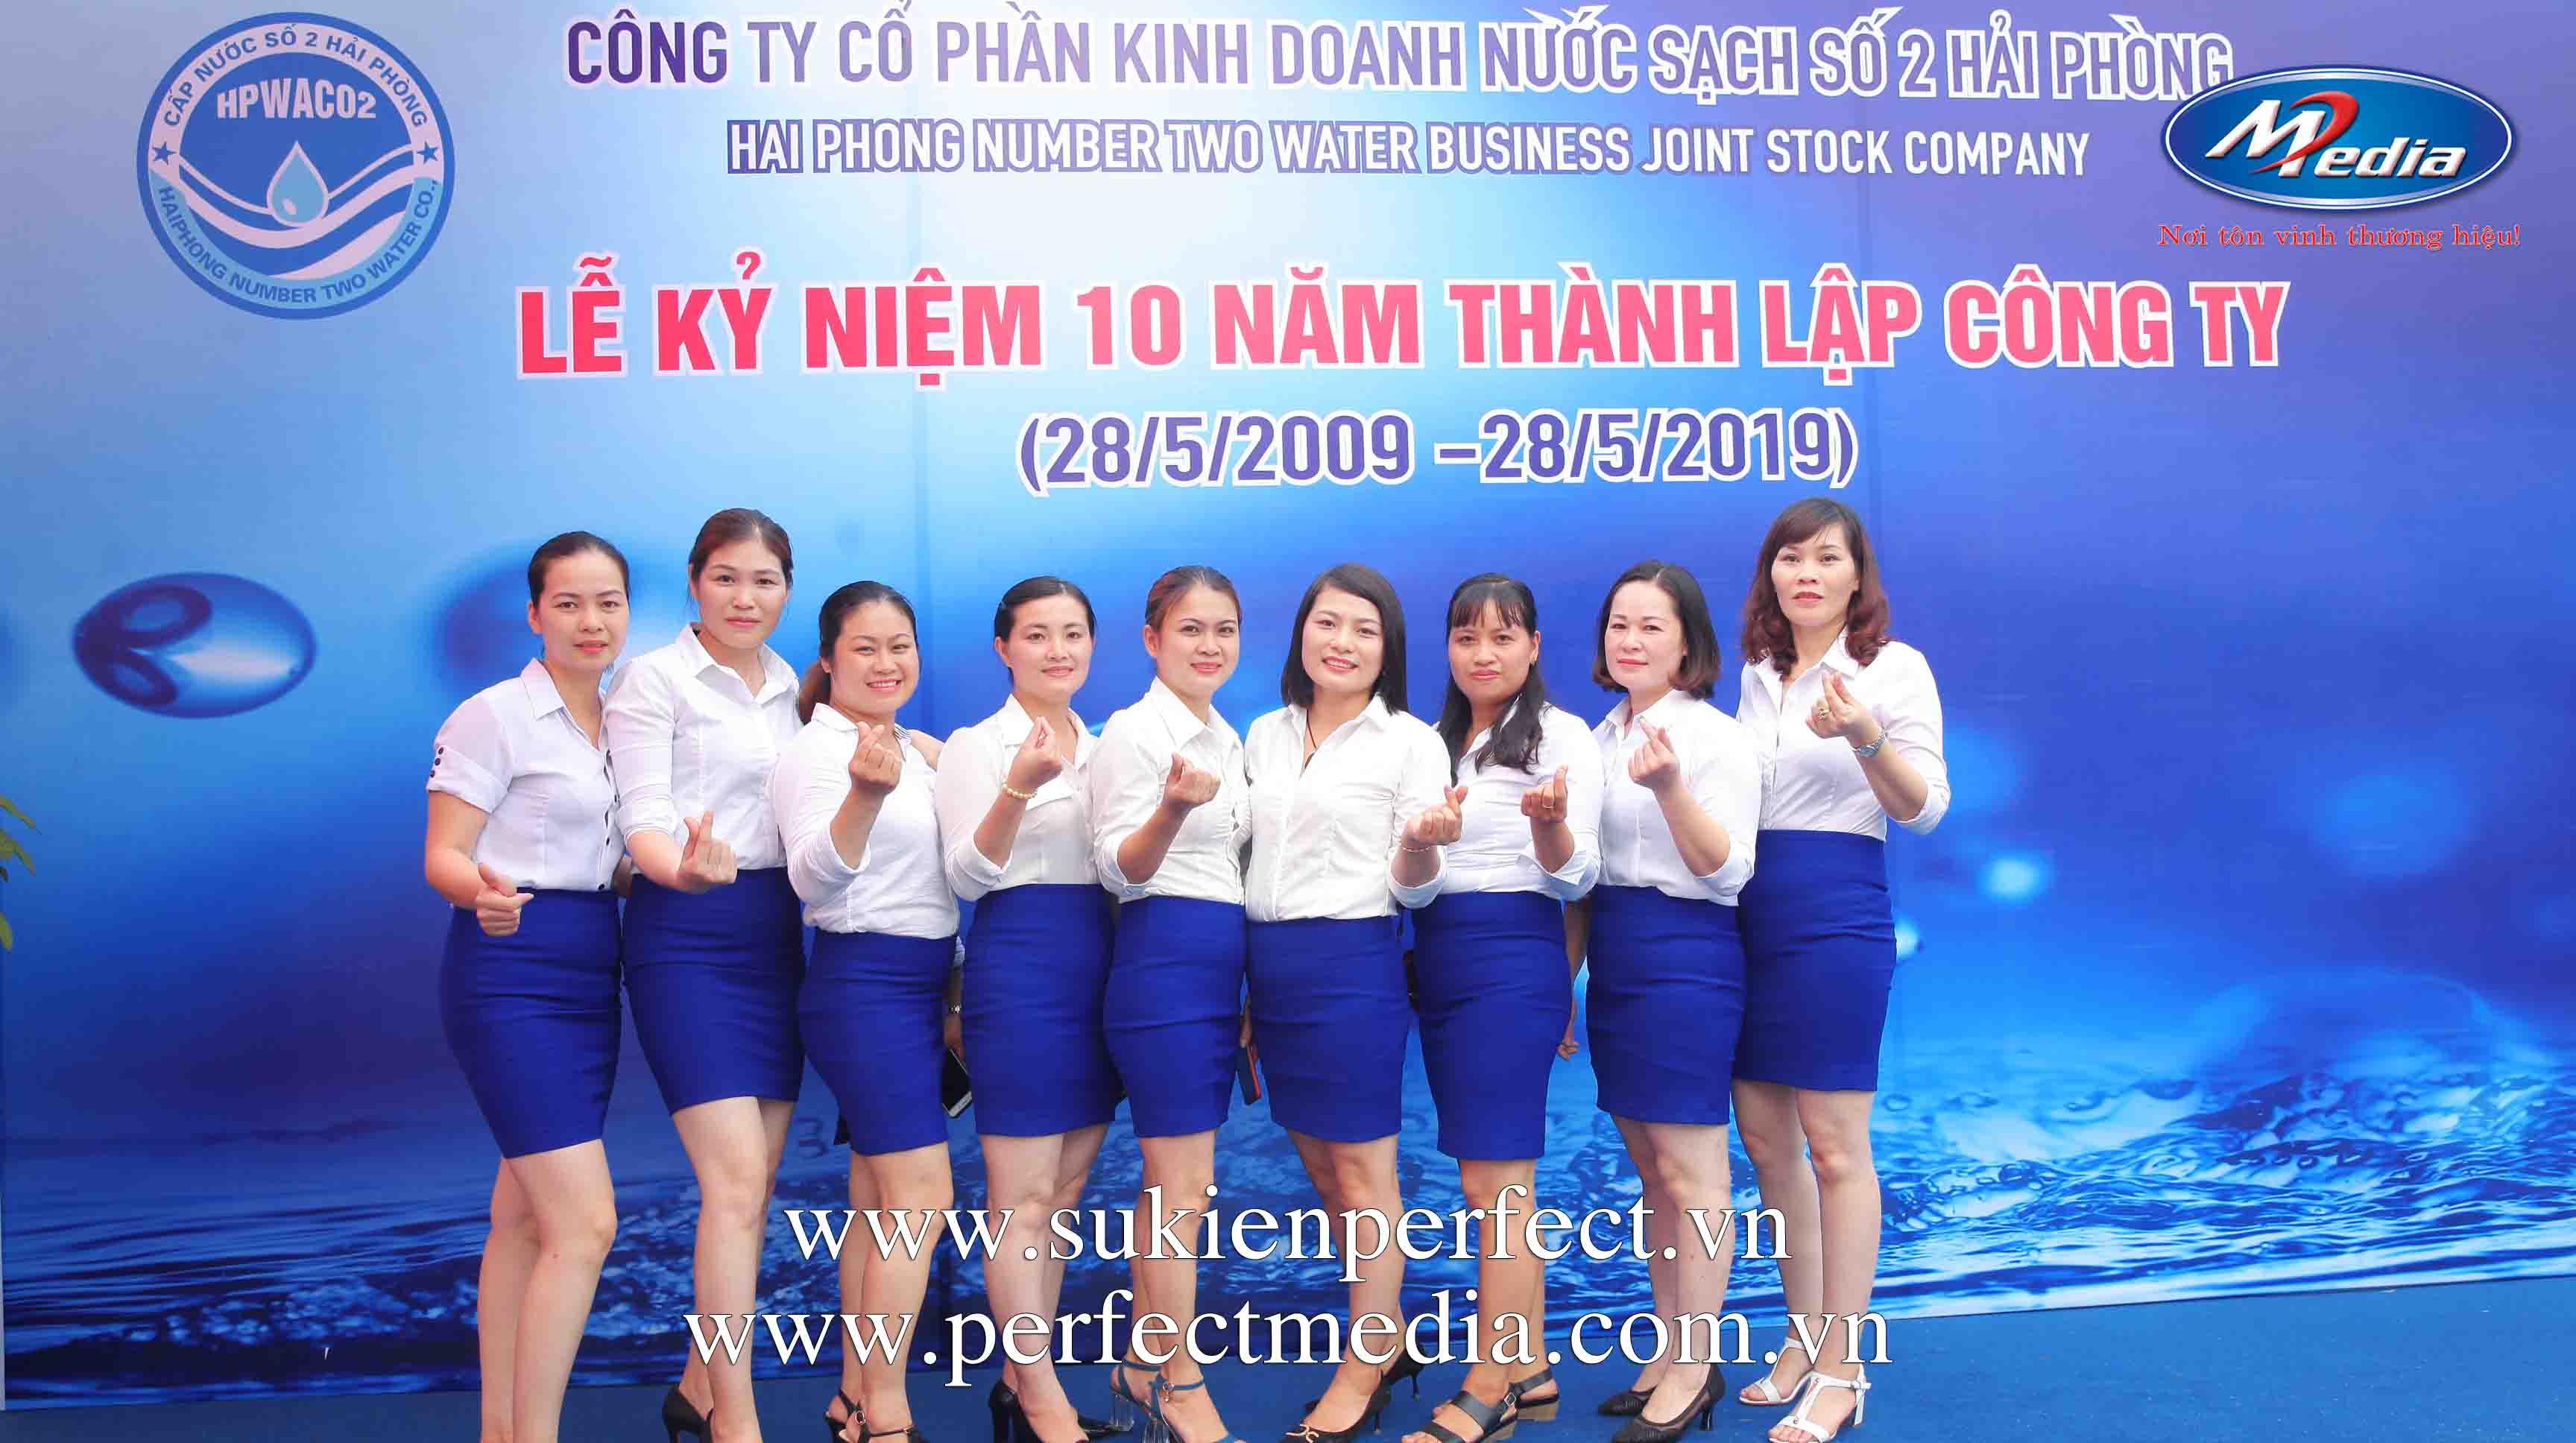 Lễ kỷ niệm 10 năm thành lập công ty Nước sạch số 2 Hải Phòng7